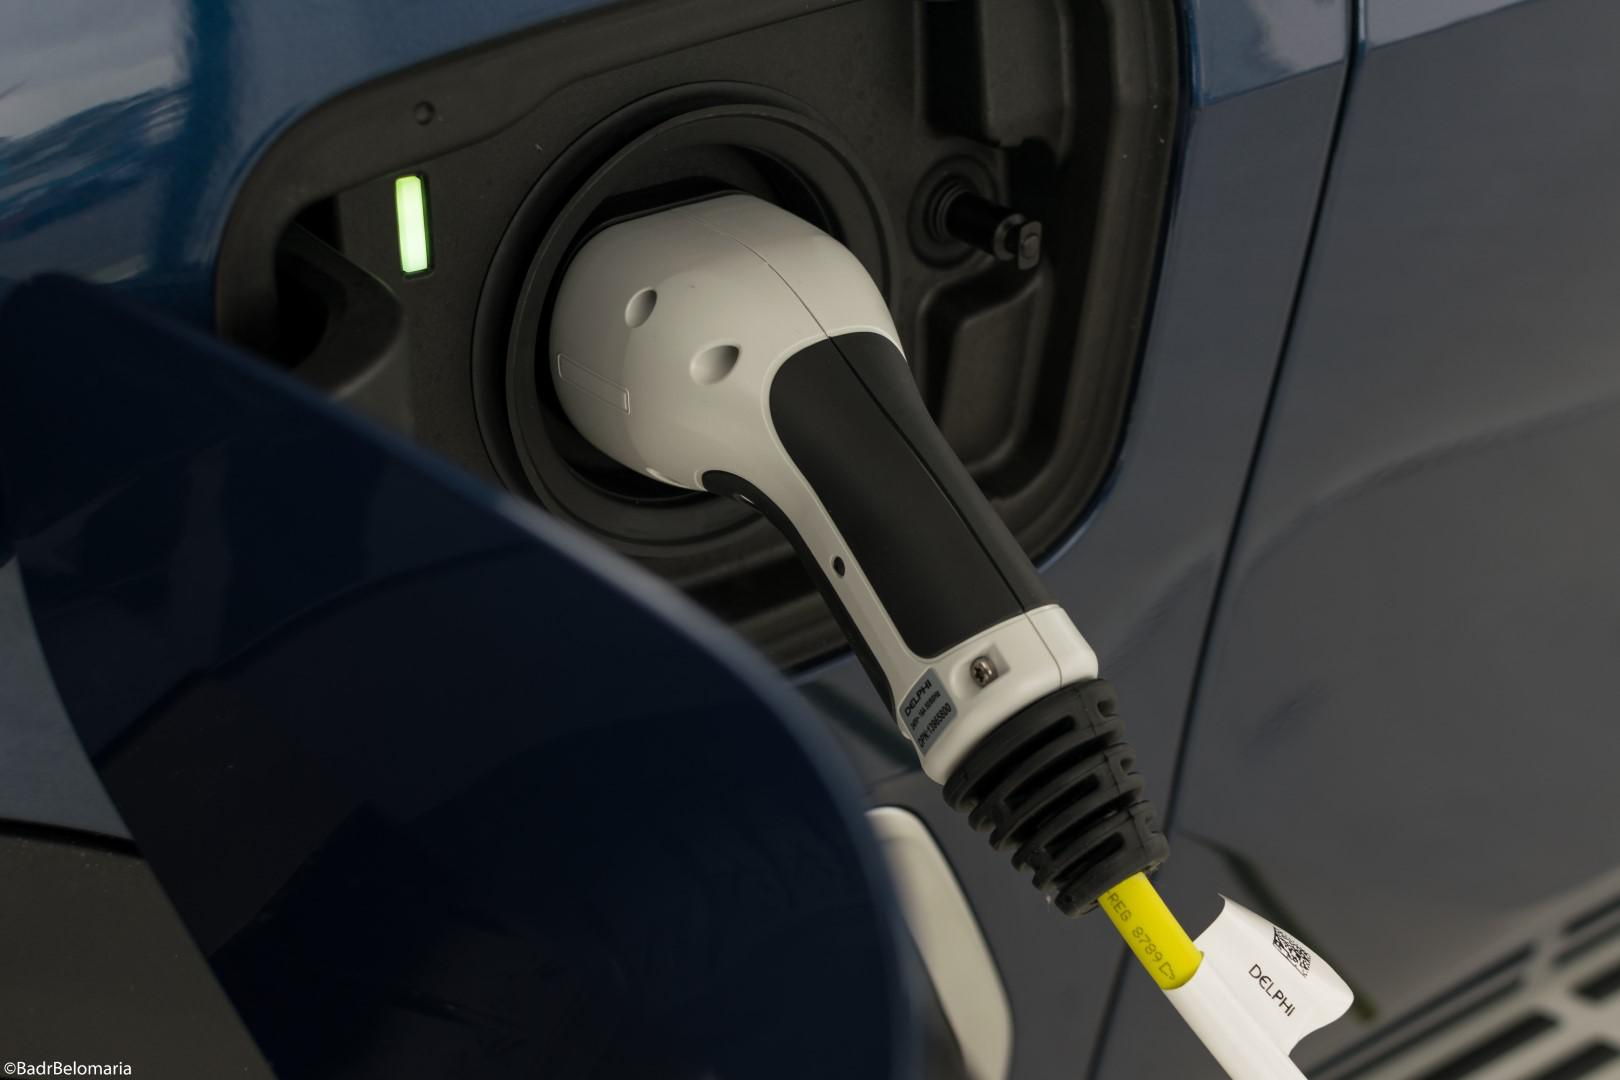 lancement-electrique-pour-le-nouveau-bmw-x5-hybride-1219-10.jpg